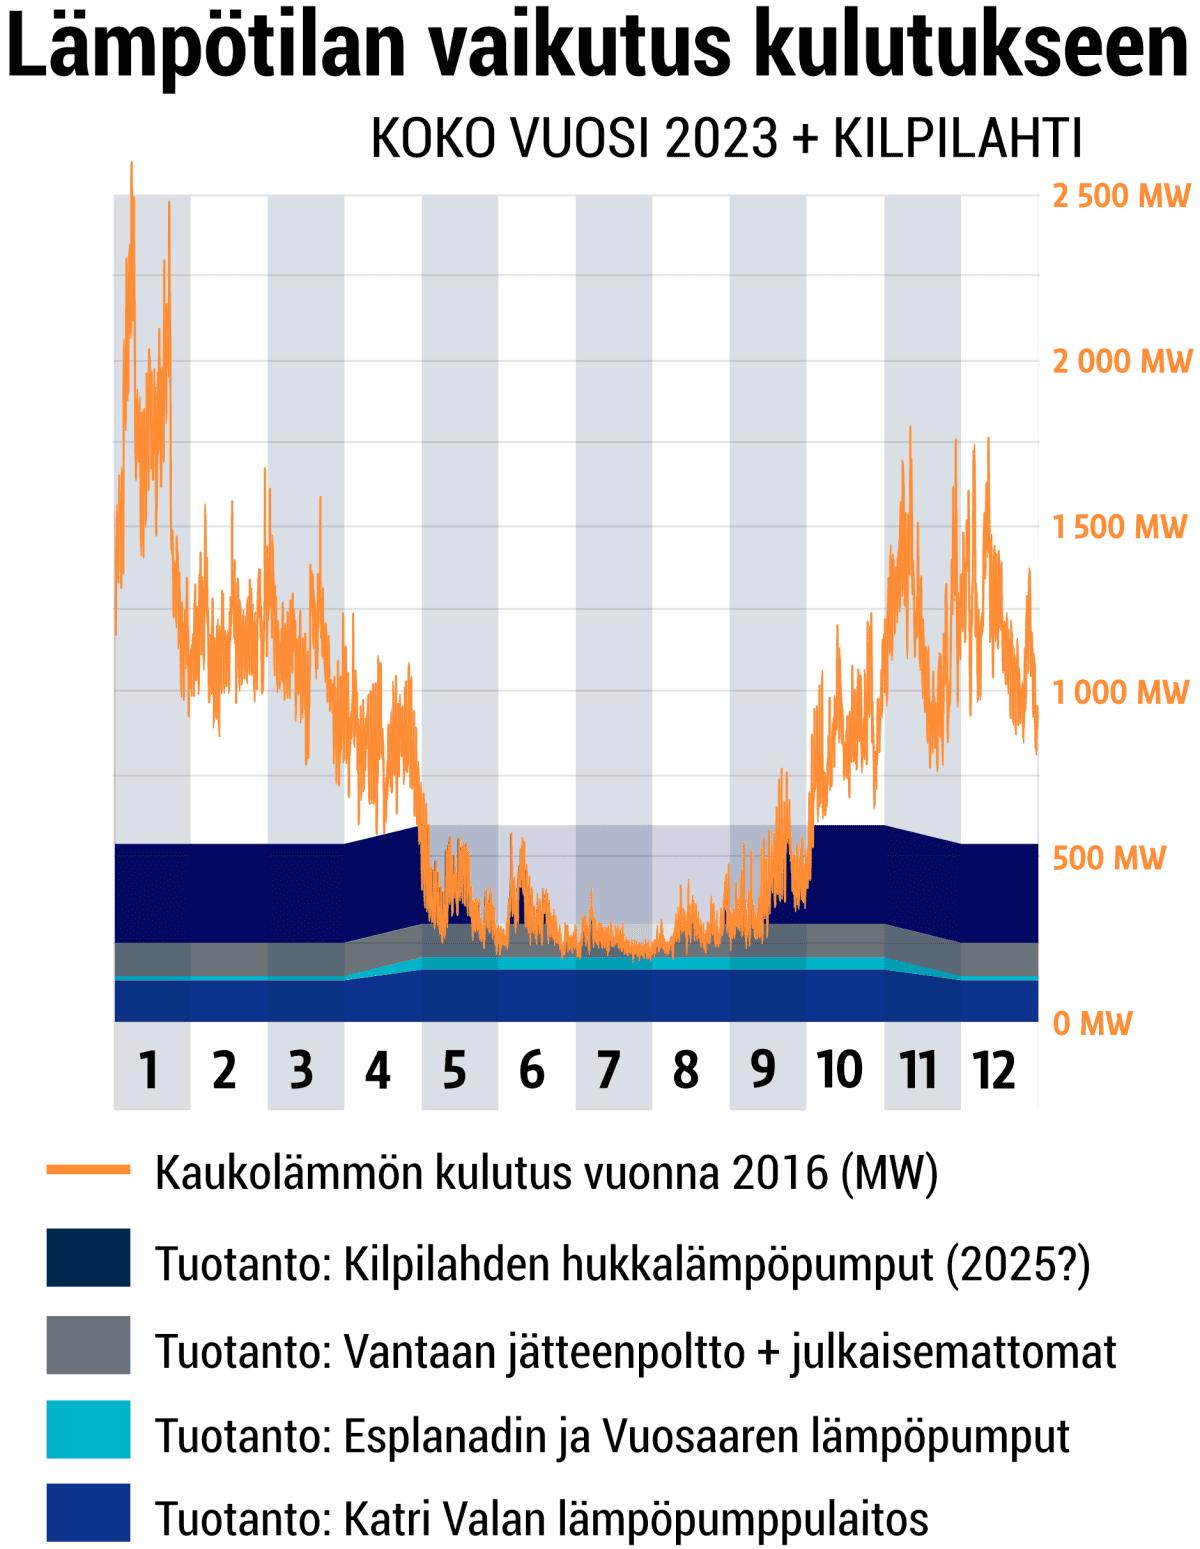 Kaukolämpöä ilman polttamista 2025 - koko vuosi.